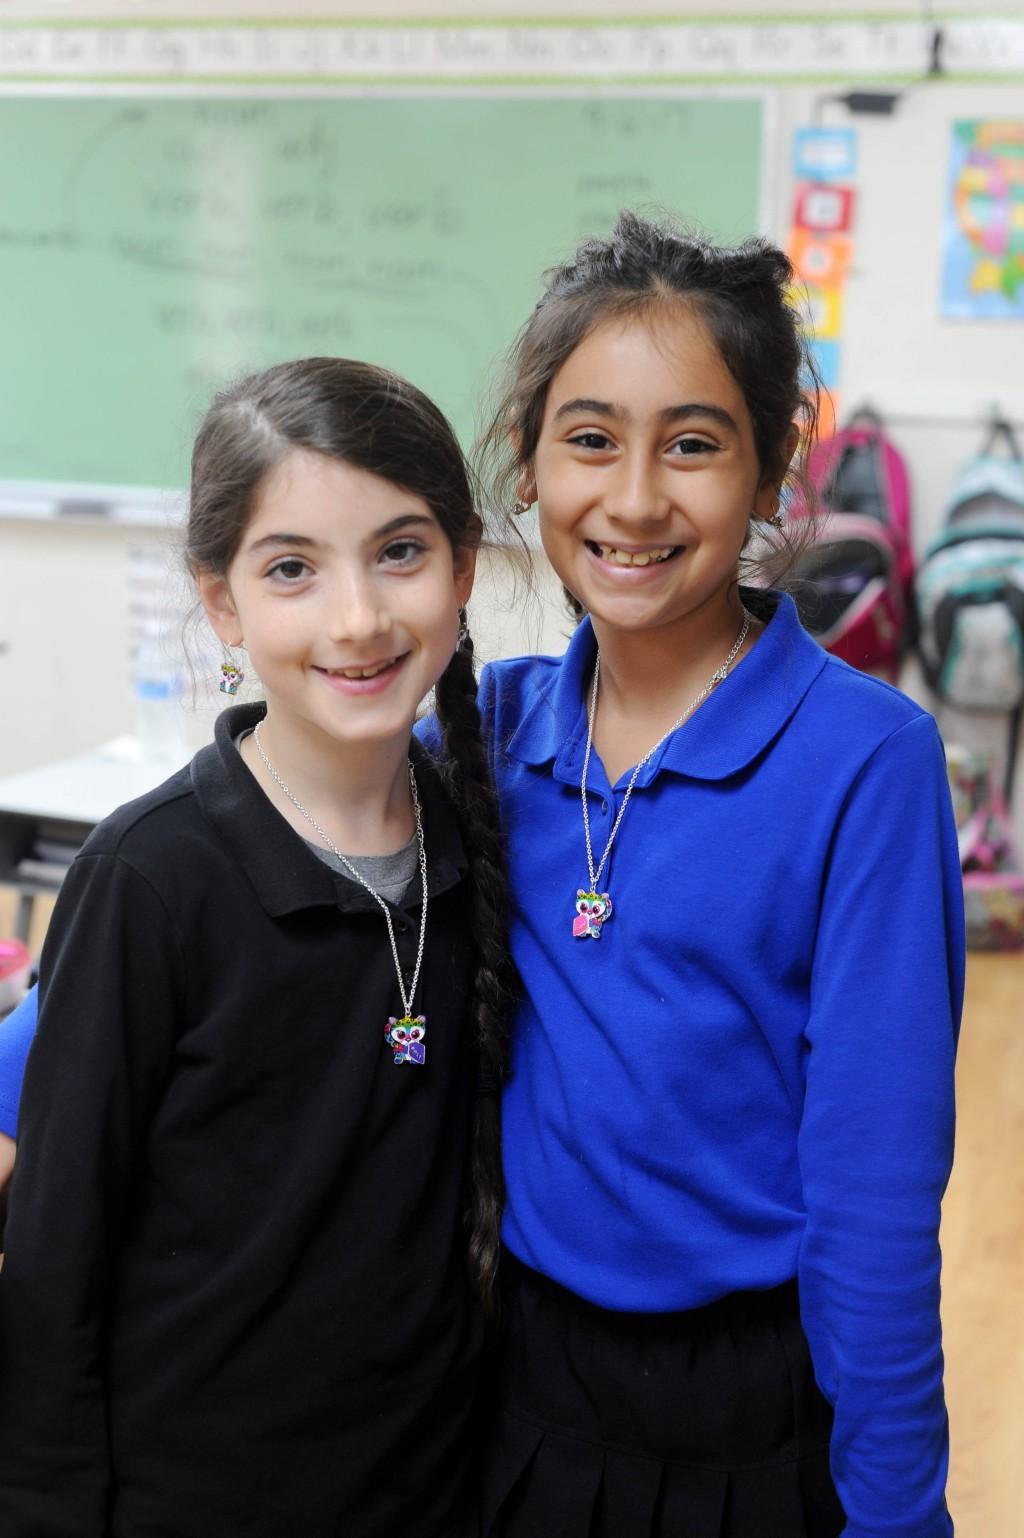 girls smiling together